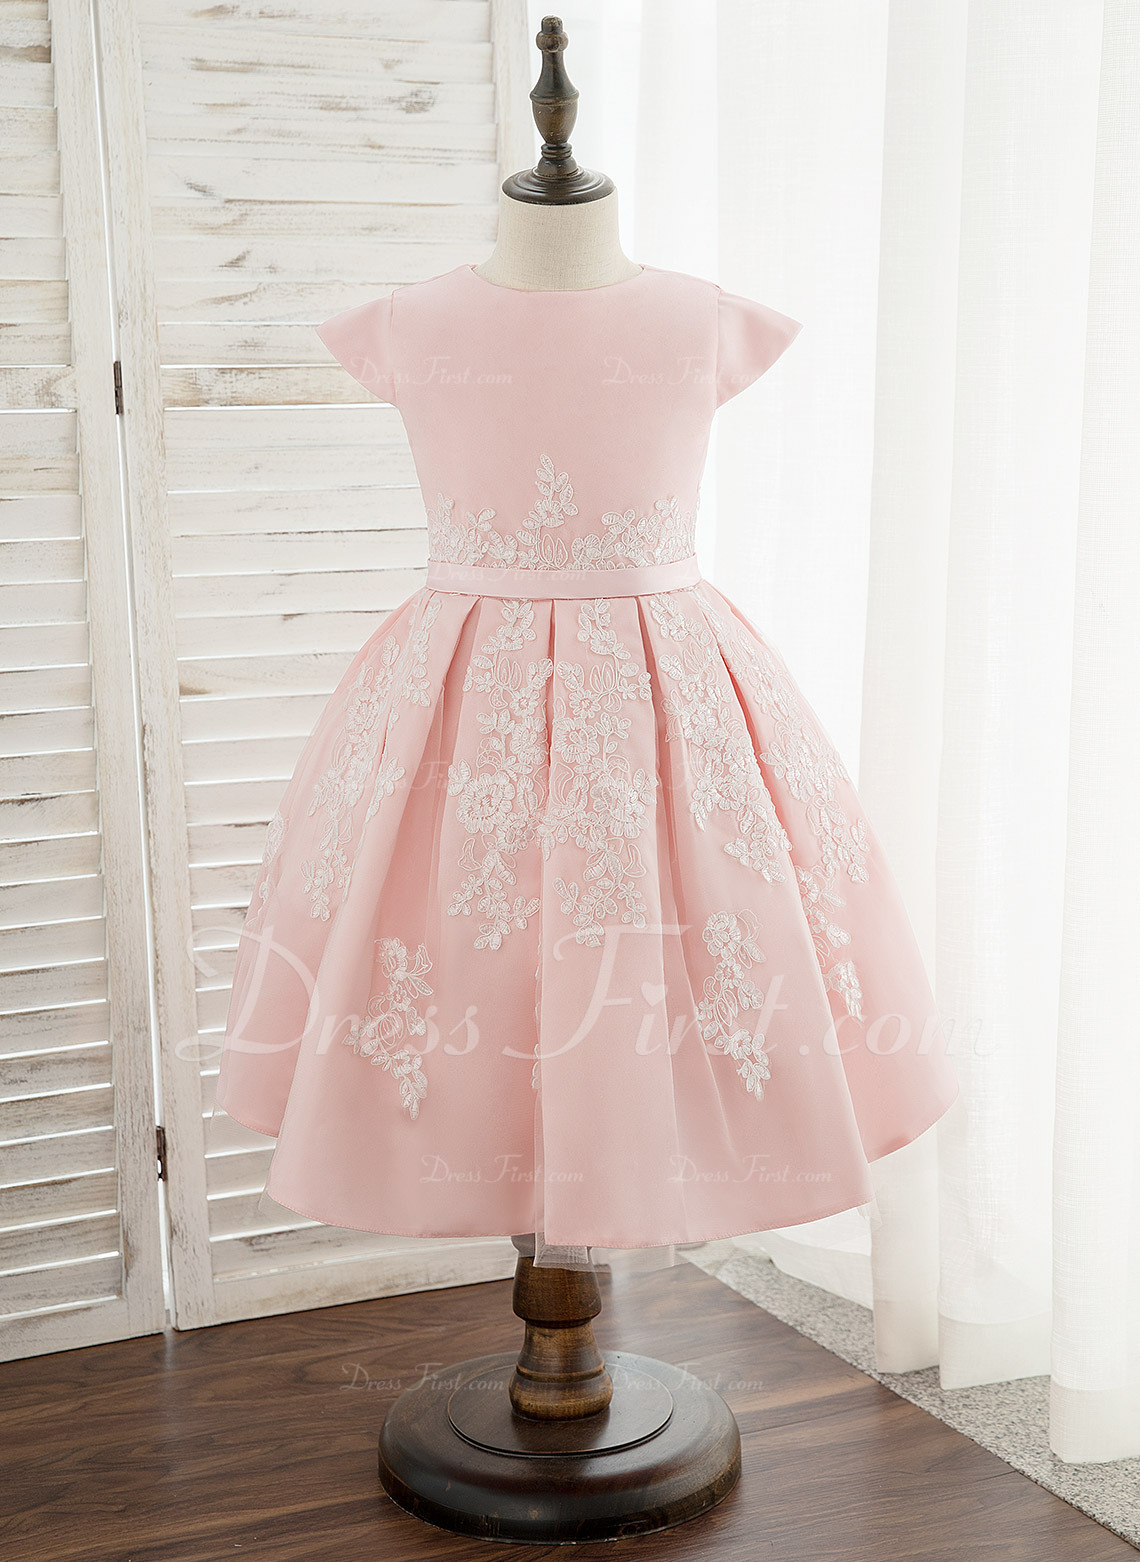 40e27879c A-Line Knee-length Flower Girl Dress - Satin/Lace Sleeveless Scoop Neck  #172336. Flower Girl Dresses